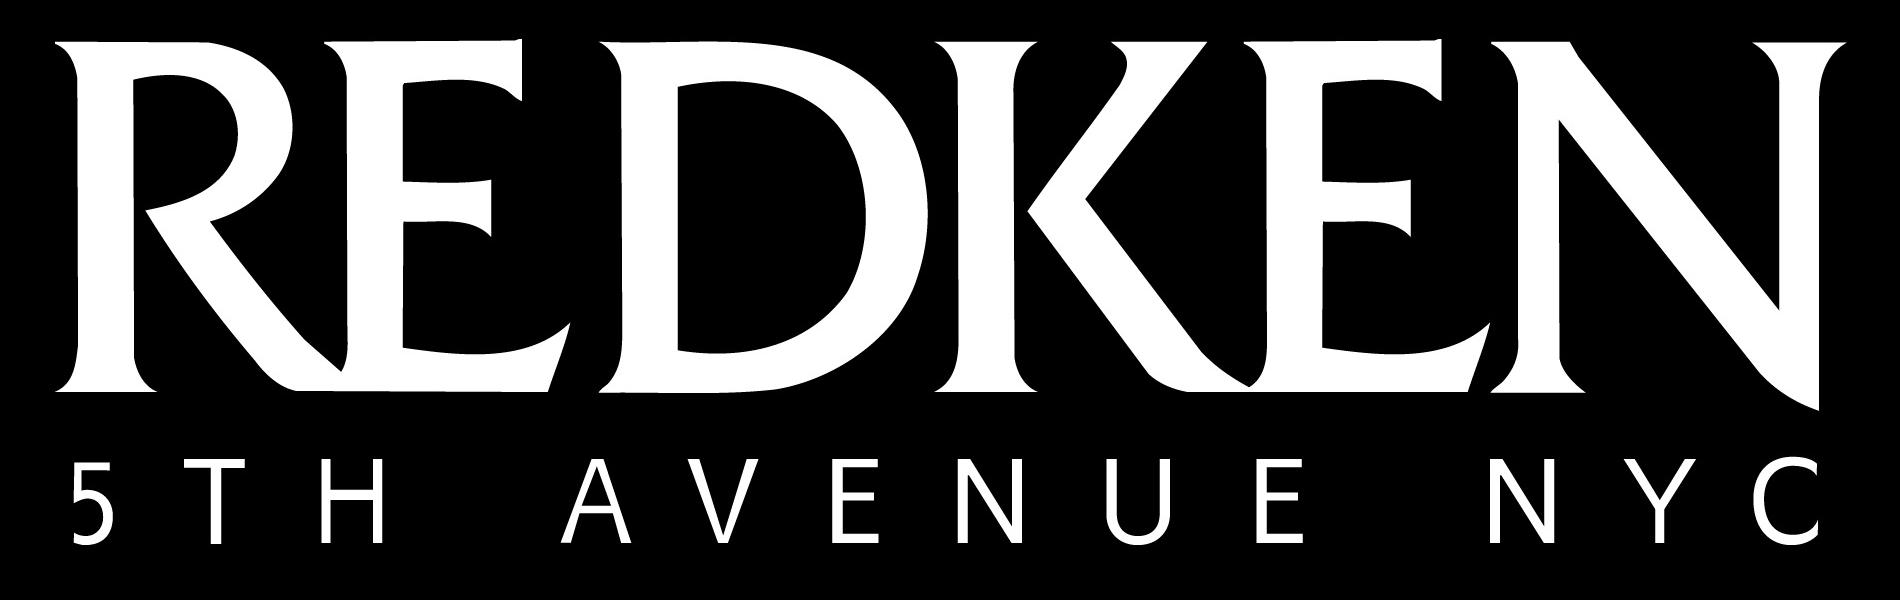 redken logo black logos download rh logos download com redken logo eps redken logo font